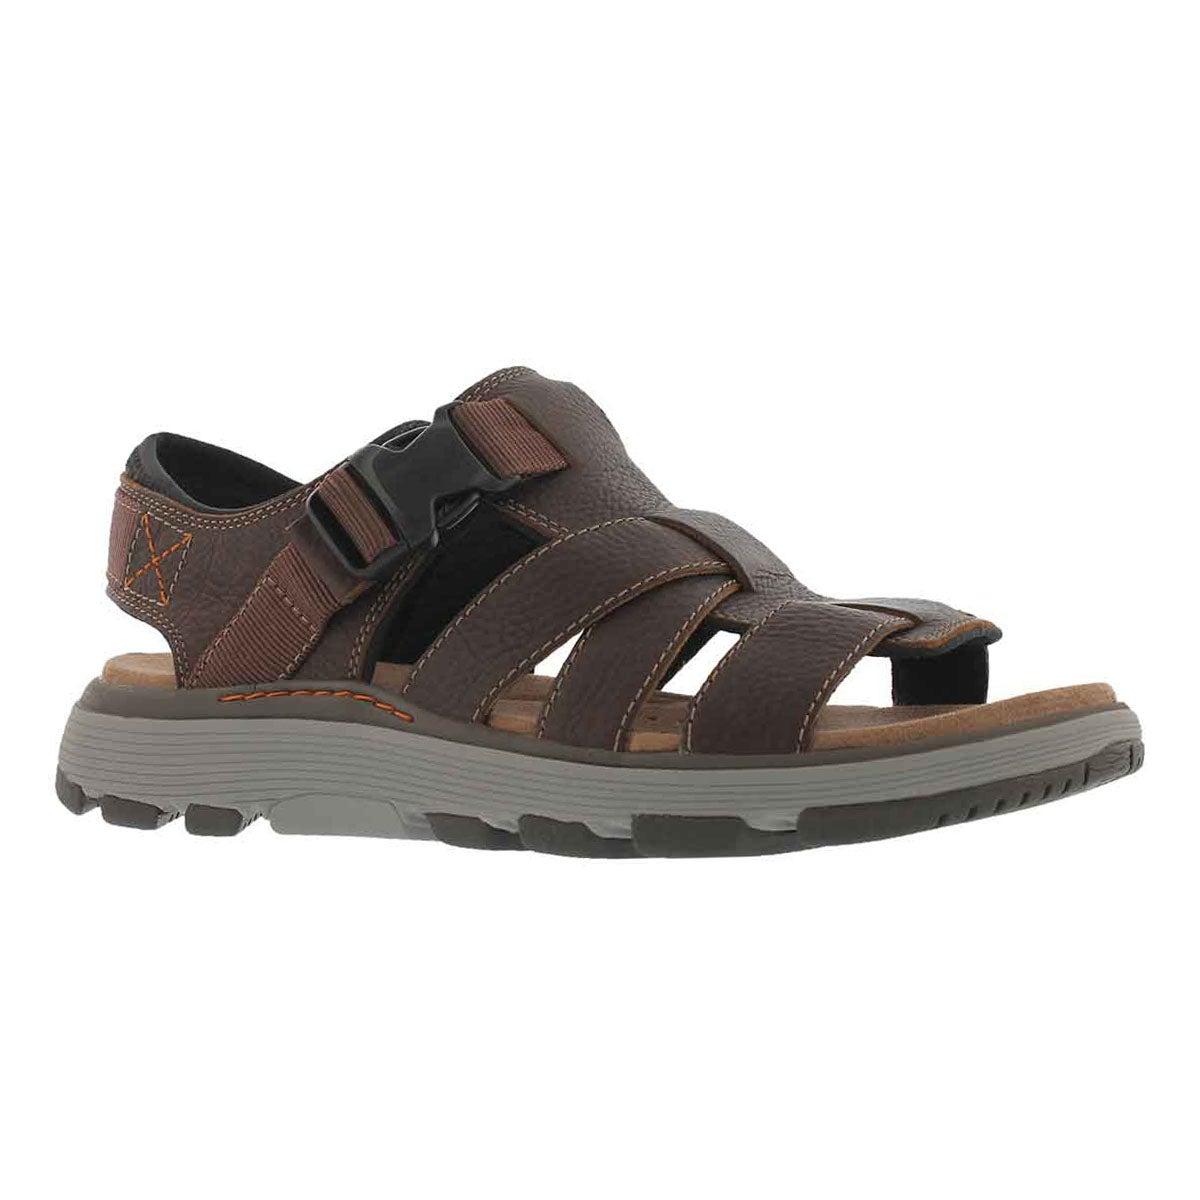 Men's UNTREK COVE dark tan casual sandal